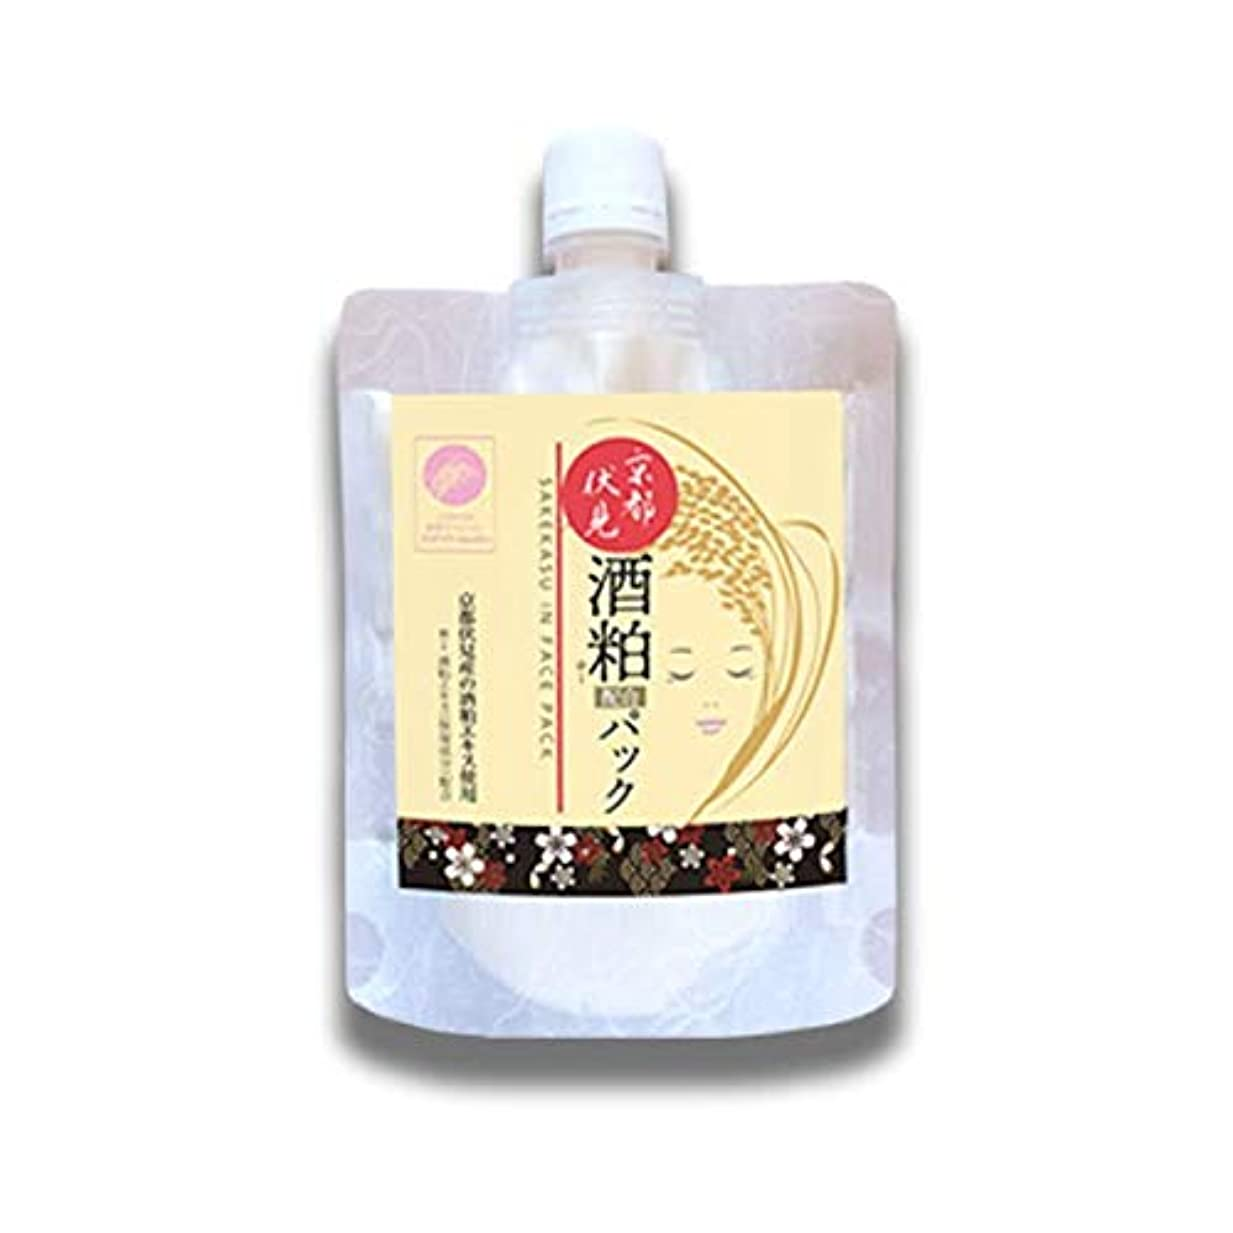 酒粕パック 京都伏見産 酒粕エキス配合 フェイスパック 170g (170g×5)